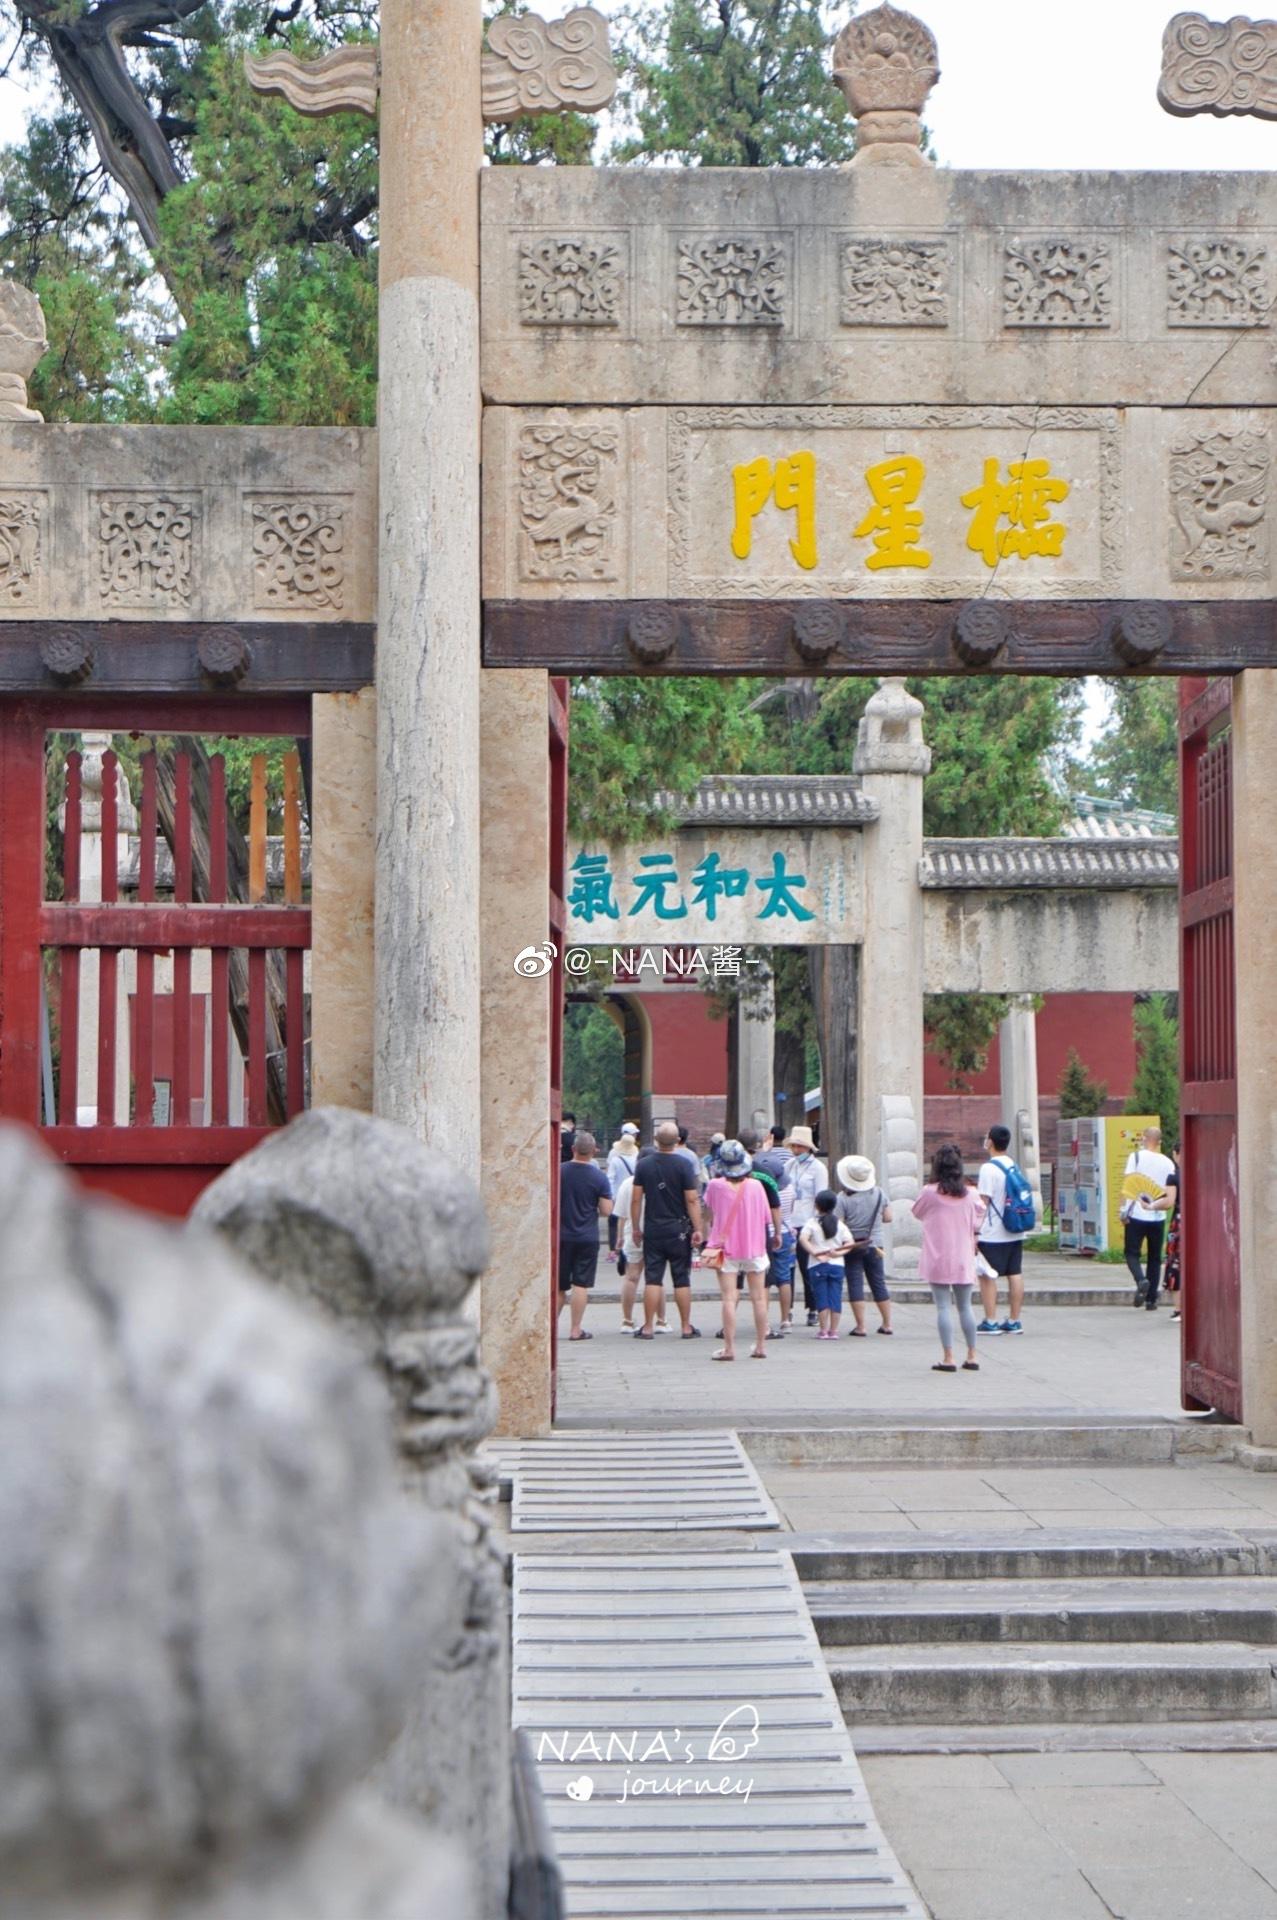 来山东曲阜感悟儒家文化。 孔庙、孔府、孔林